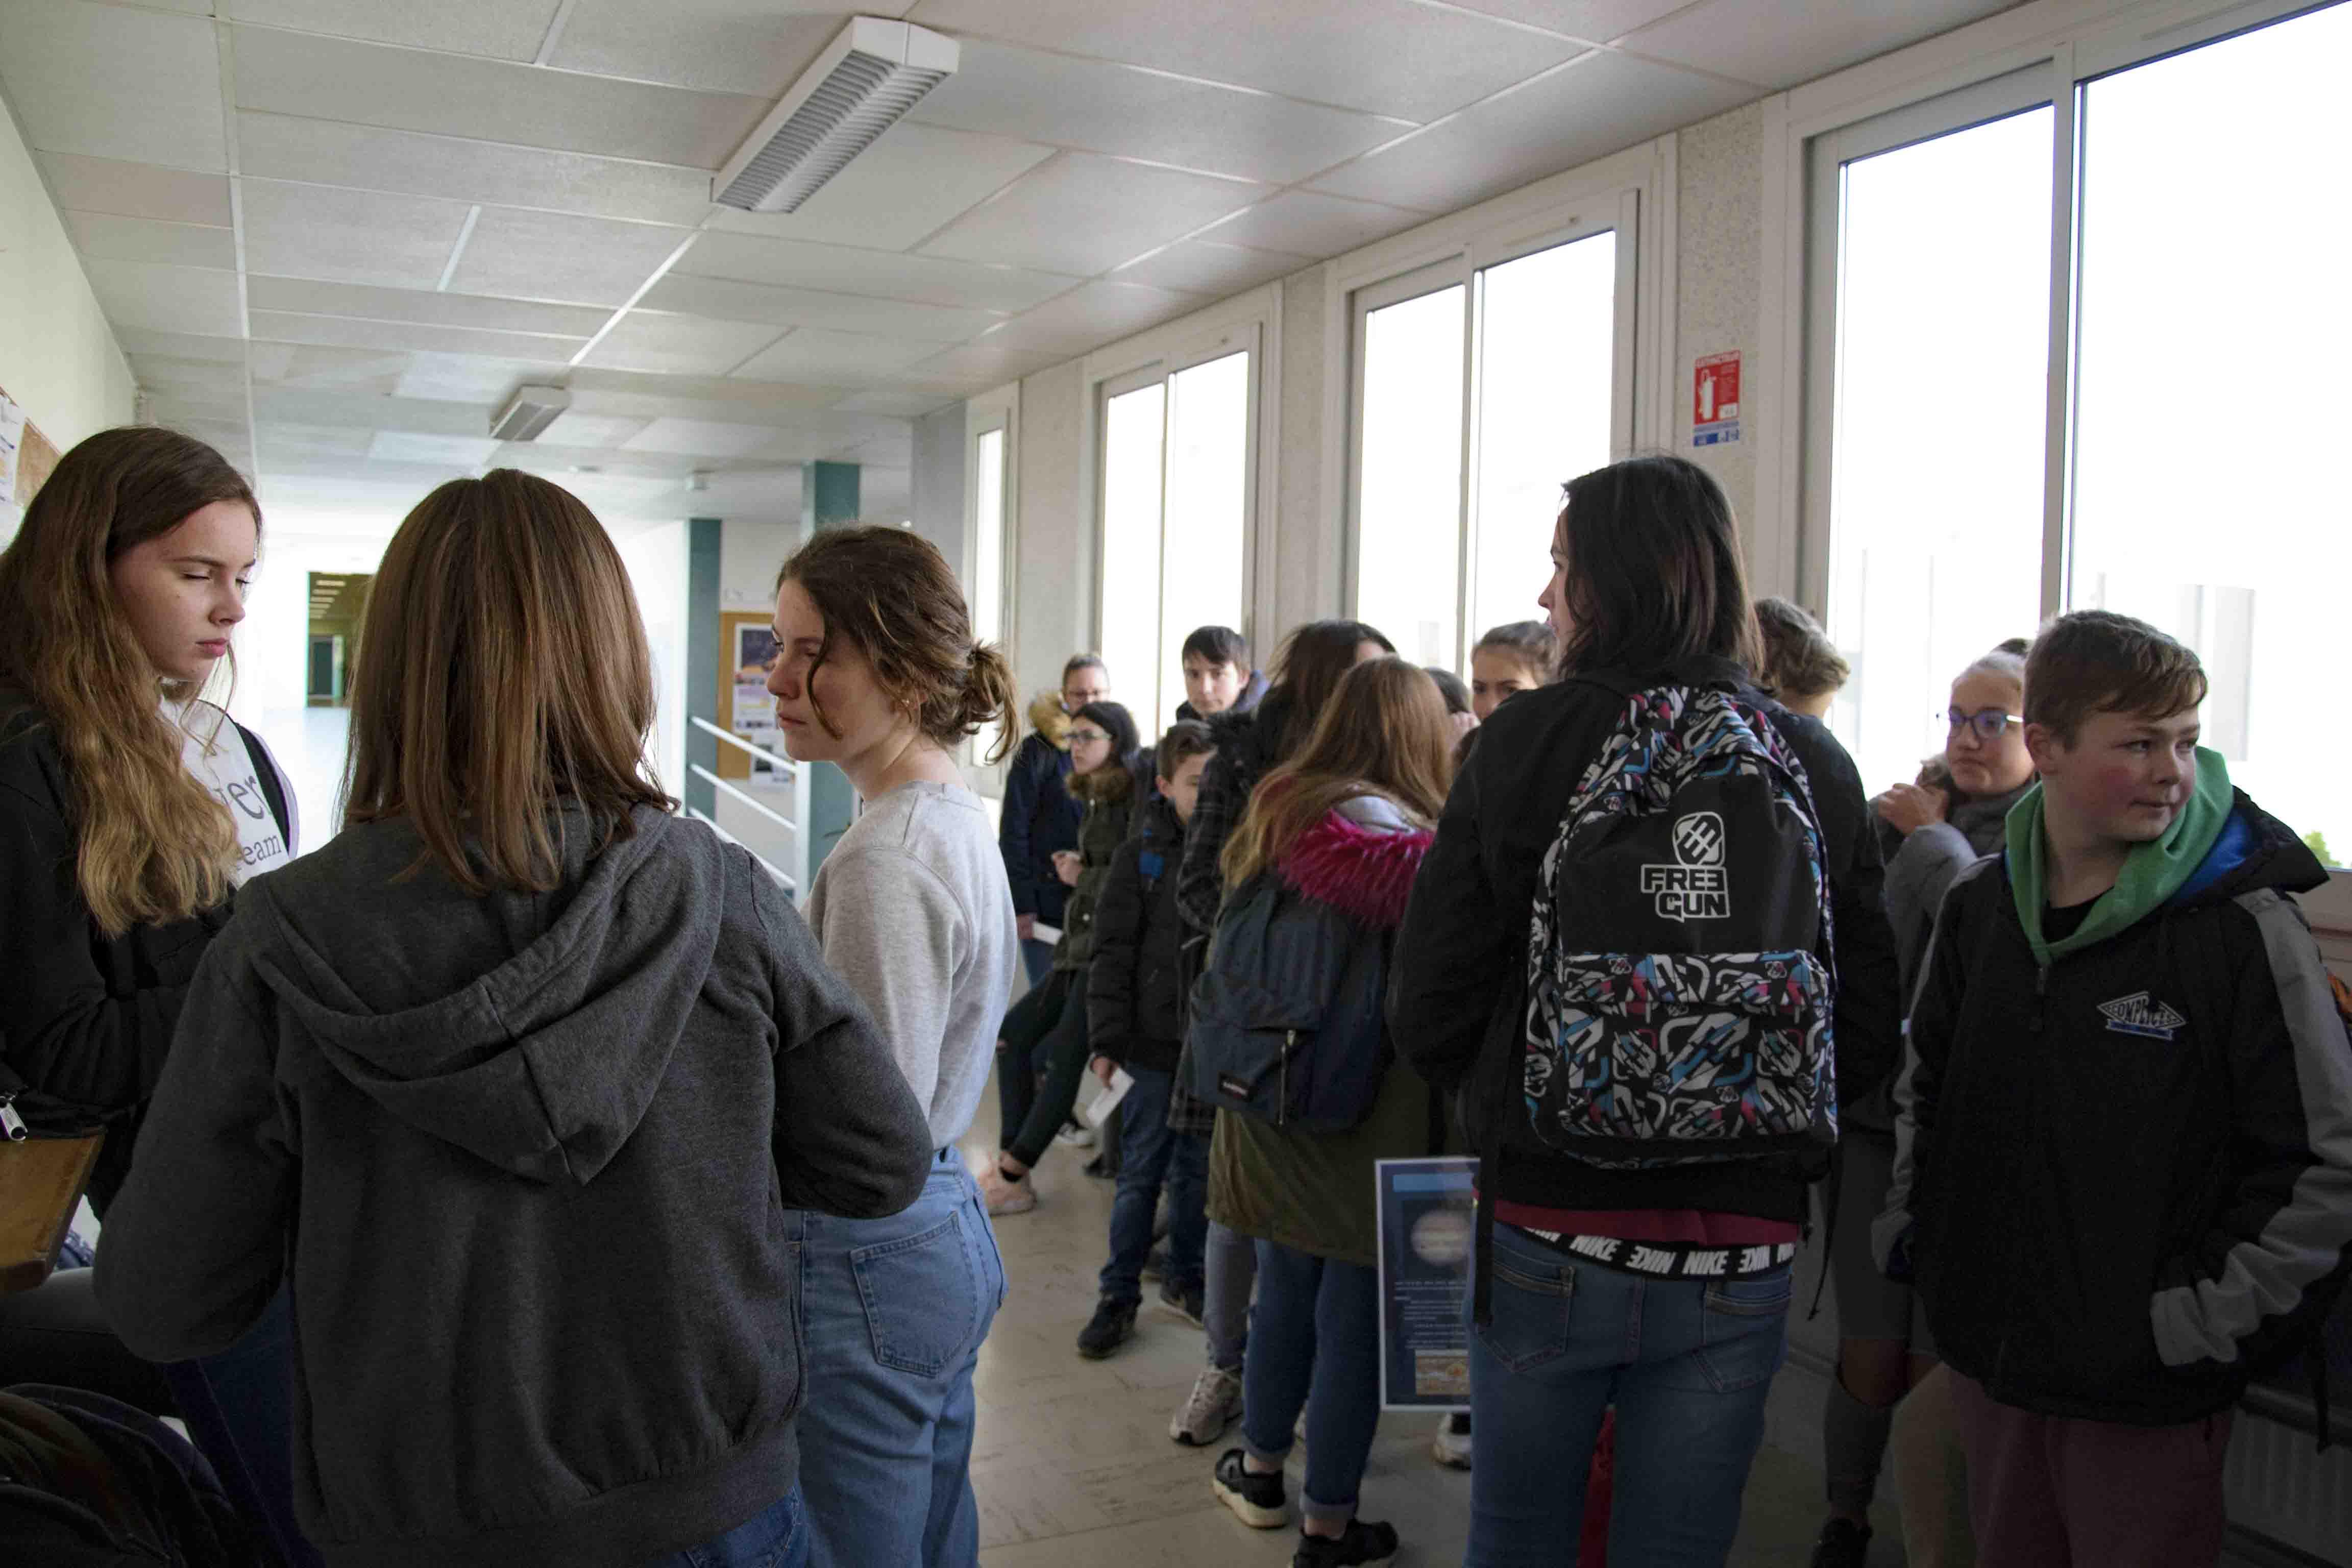 Devant le CDI, les élèves attendent d'autres groupes de visite.